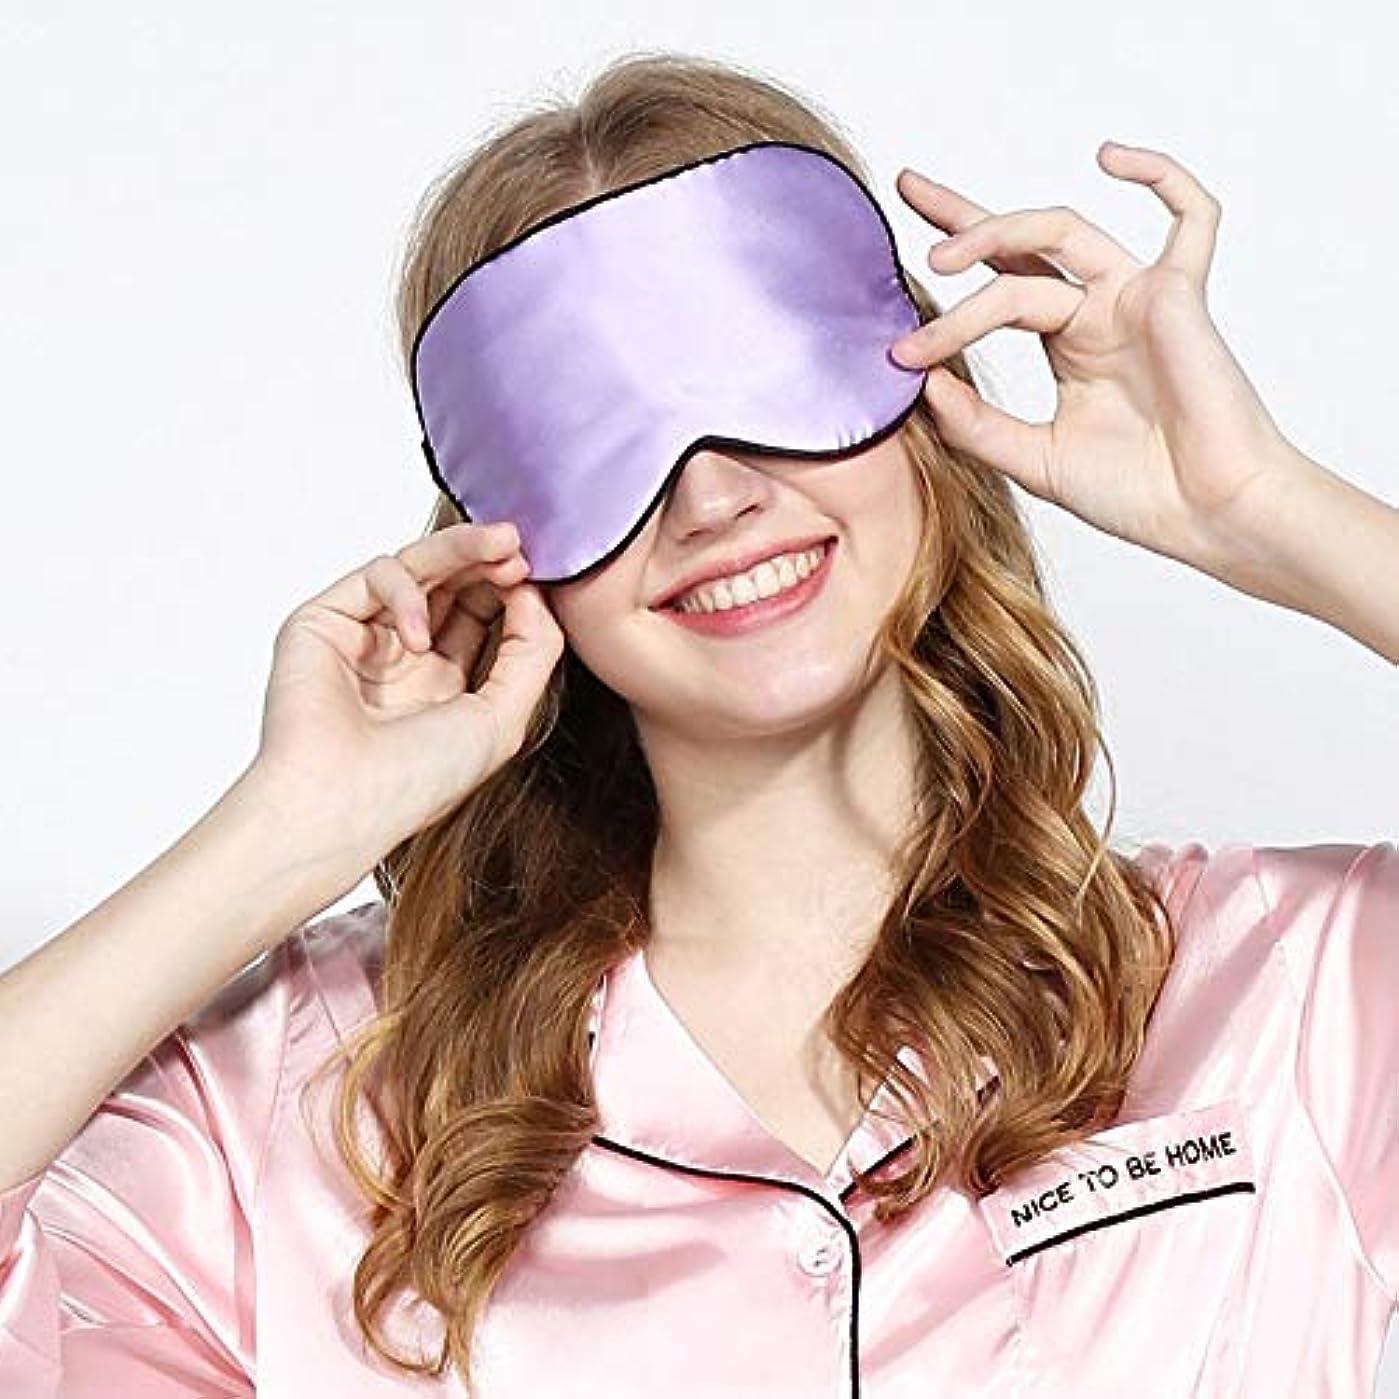 アウトドア岸もっともらしいメモファッション睡眠マスクストラップナチュラルシルクスーパースムース睡眠アイシェード睡眠アクセサリーアイマスク用アイケアツールHB88